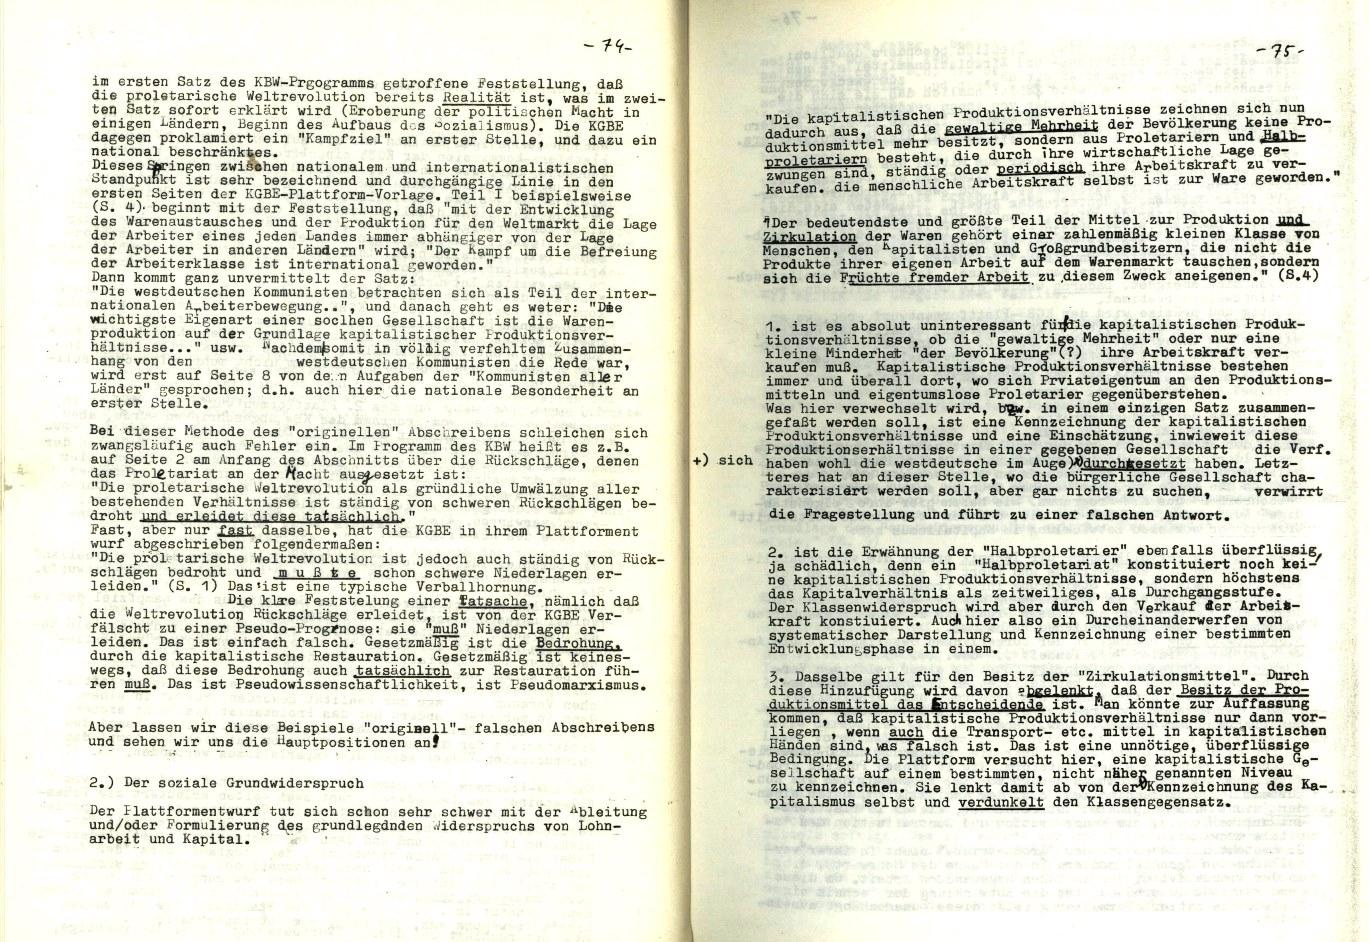 KGBE_Ehemalige_1977_Kritik_an_der_KGBE_41